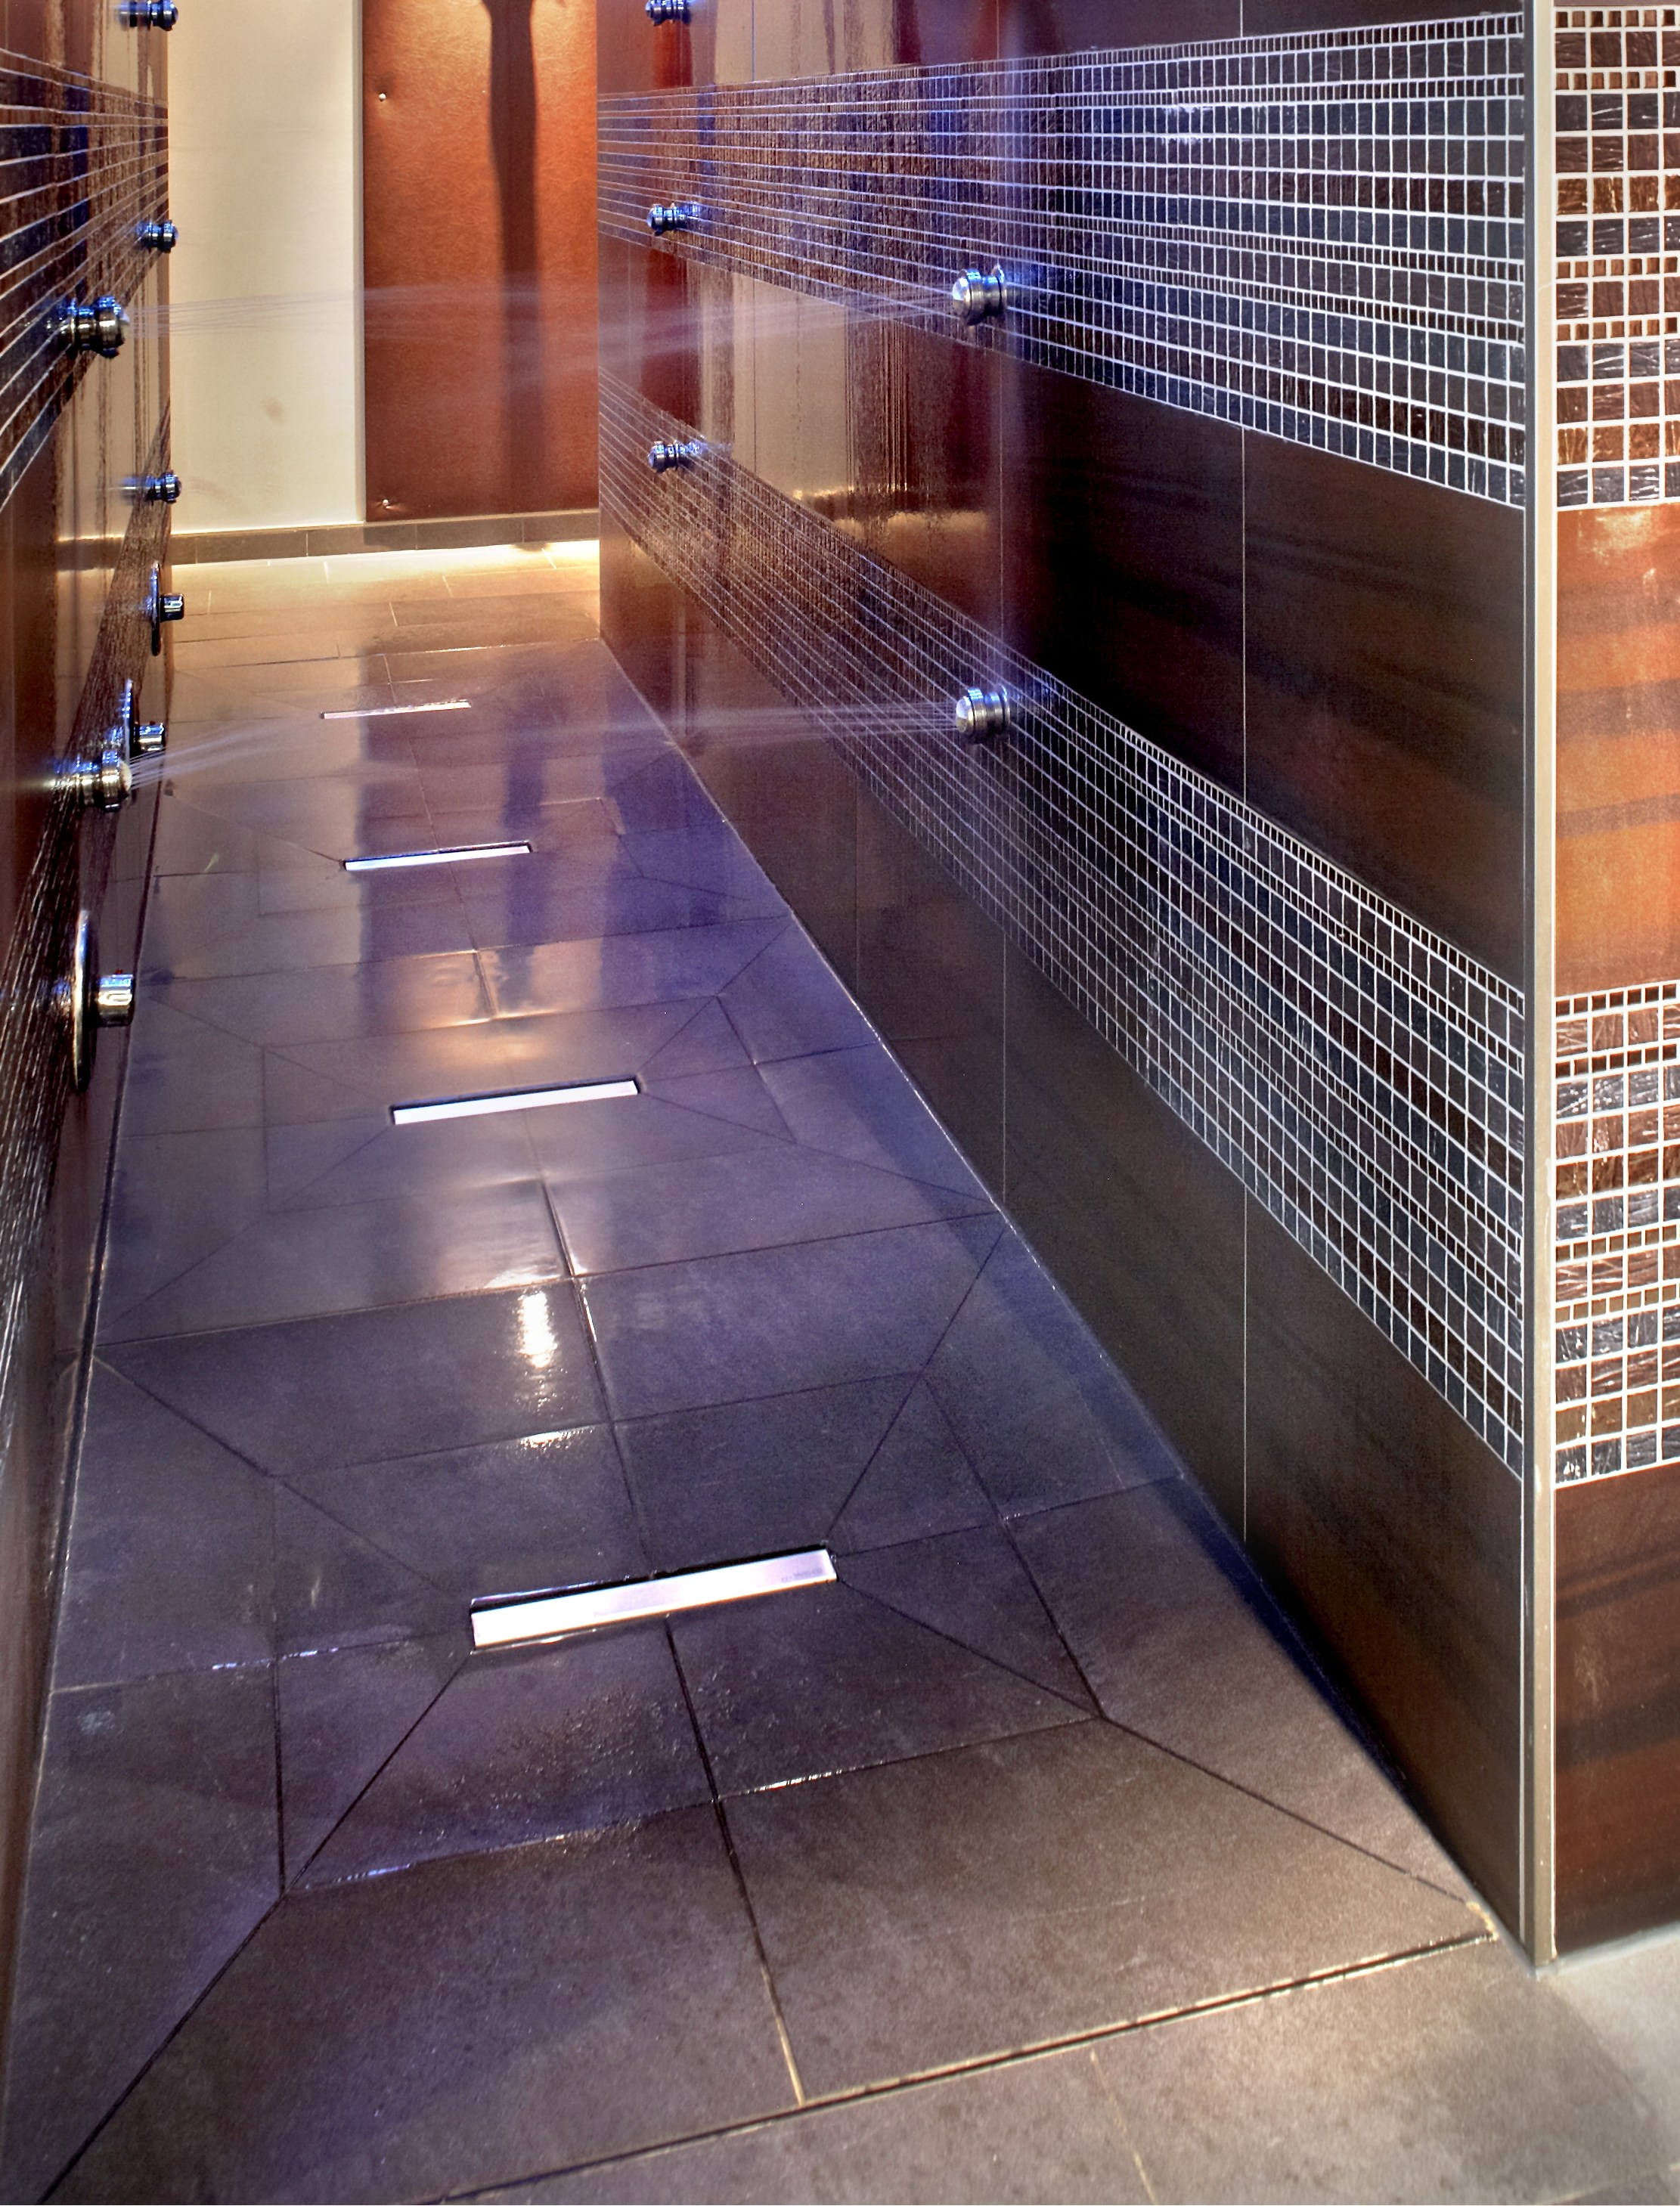 Piatto doccia piastrelle affordable coprire le piastrelle del bagno with piatto doccia - Piatto doccia piastrelle ...